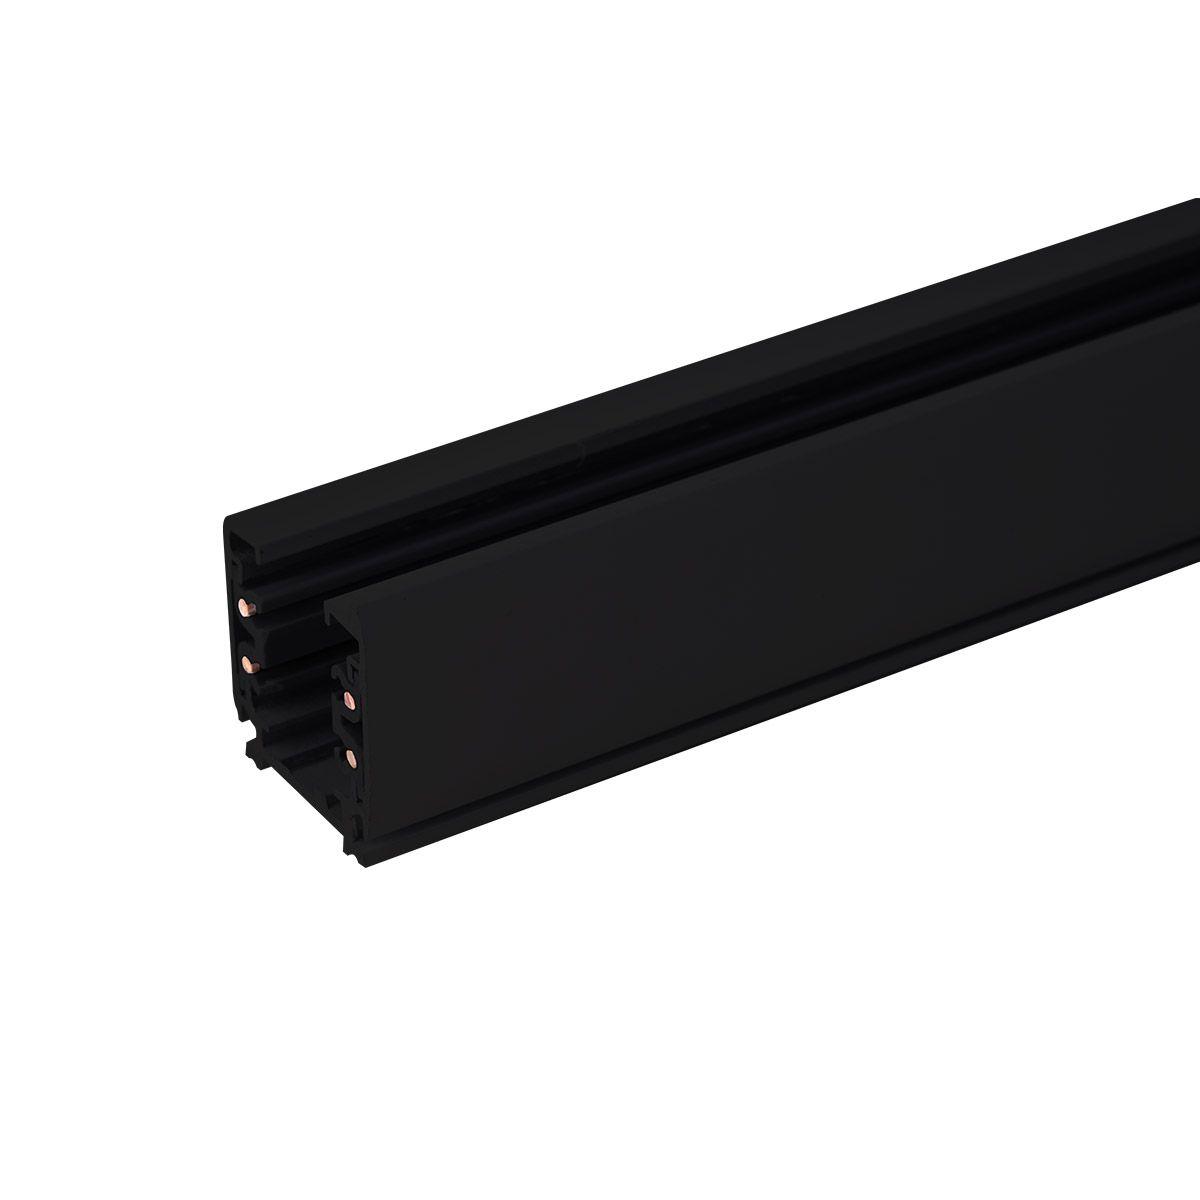 Трехфазный шинопровод (с вводом питания и заглушкой) TRL-1-3-200-BK 2 метра черный